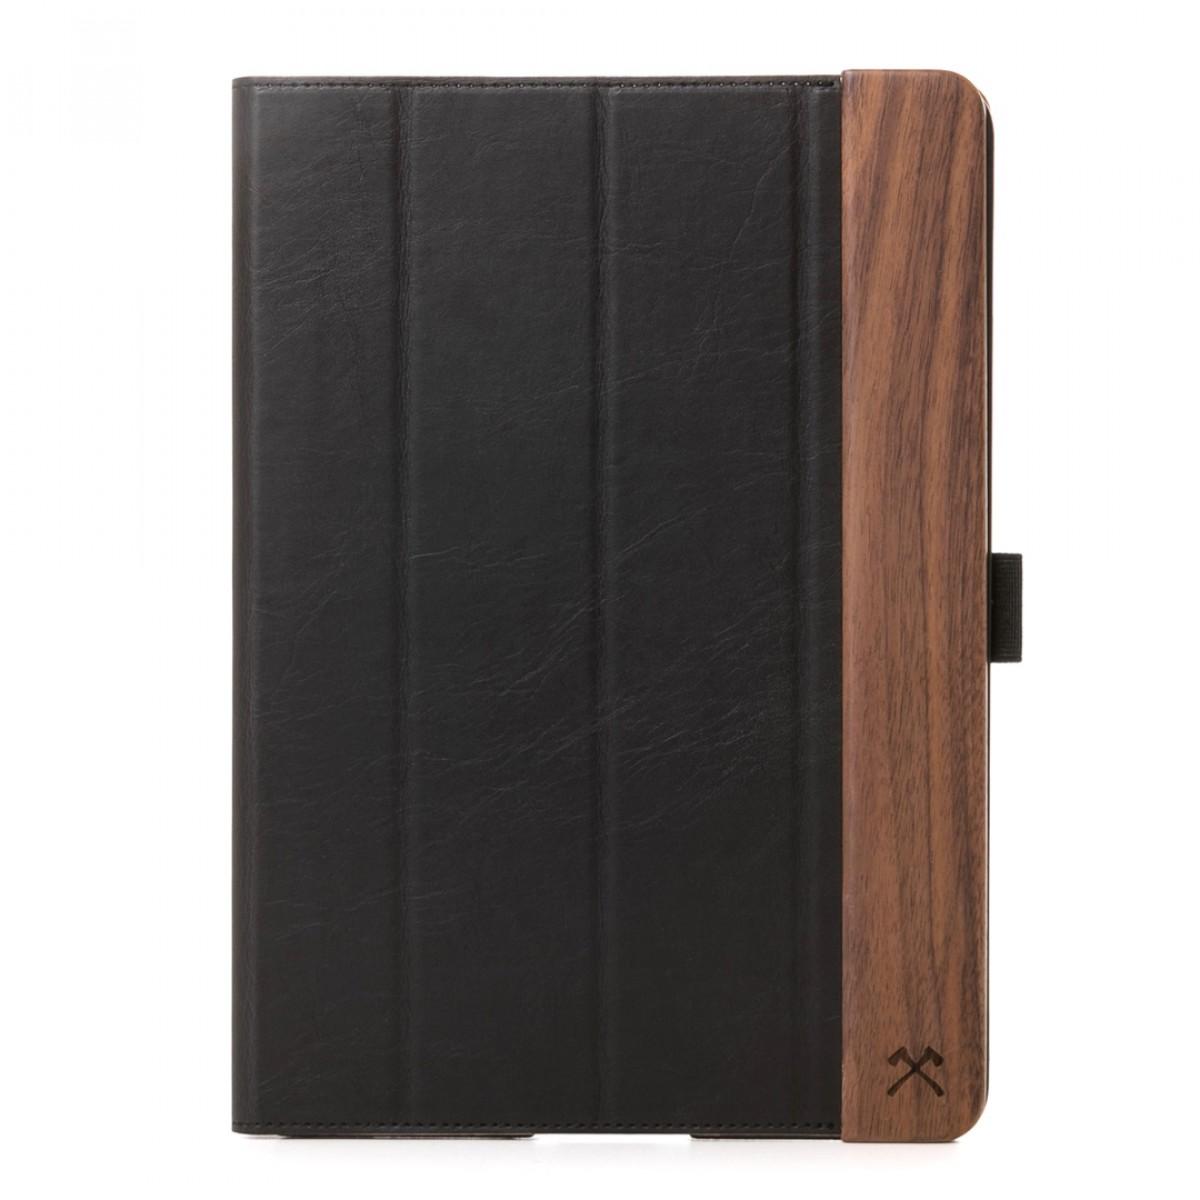 Woodcessories - EcoFlip iPad - Premium Design Case, Cover, Hülle für das iPad aus Walnuss Holz & hochwertiger Lederoptik m. Standfunktion (iPad Pro 9.7)